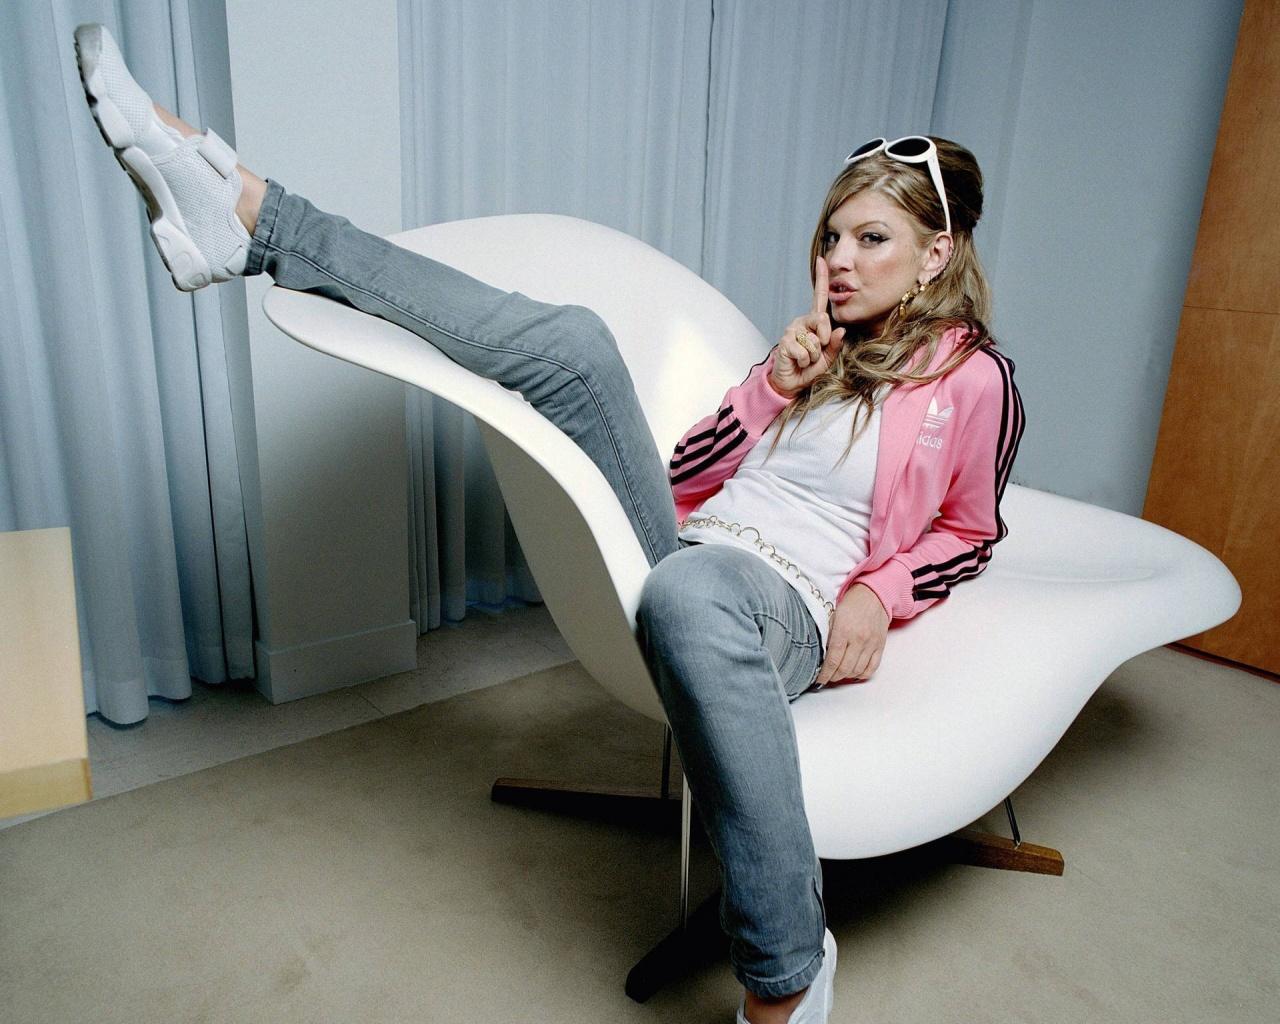 http://4.bp.blogspot.com/-3CnVVOd-mGk/Tg51uQMD67I/AAAAAAAAAqI/OlRODi43S7w/s1600/sexy-girl-1021-1280x1024.jpg